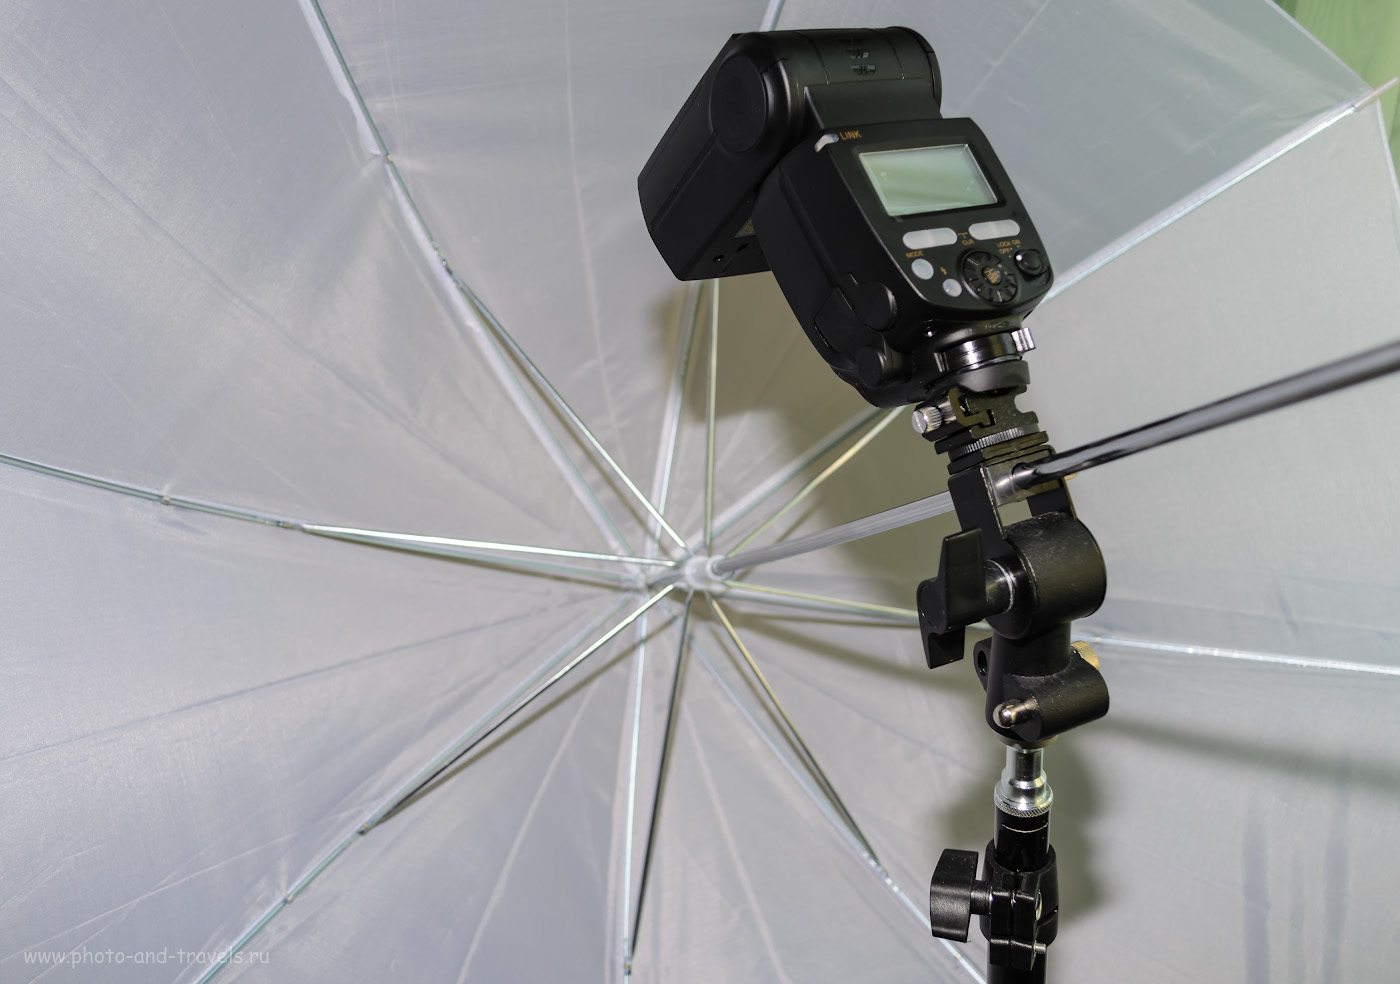 """Фото 21. У меня держатель для вспышек – Тип D2. Стойка «Viltrox» высотой 1,9 м. Белый зонт «Viltrox» диаметром 33"""" (85 см). Снято на Nikon D5100 KIT 18-55 VR со следующими настройками: режим «М», 1/60, +0.33, 3.8, 100, 20. Вспышку без рефлектора держал слева сверху в руке – жесткий свет получился. На фотоаппарате – триггер Yongnuo YN-622N-TX."""